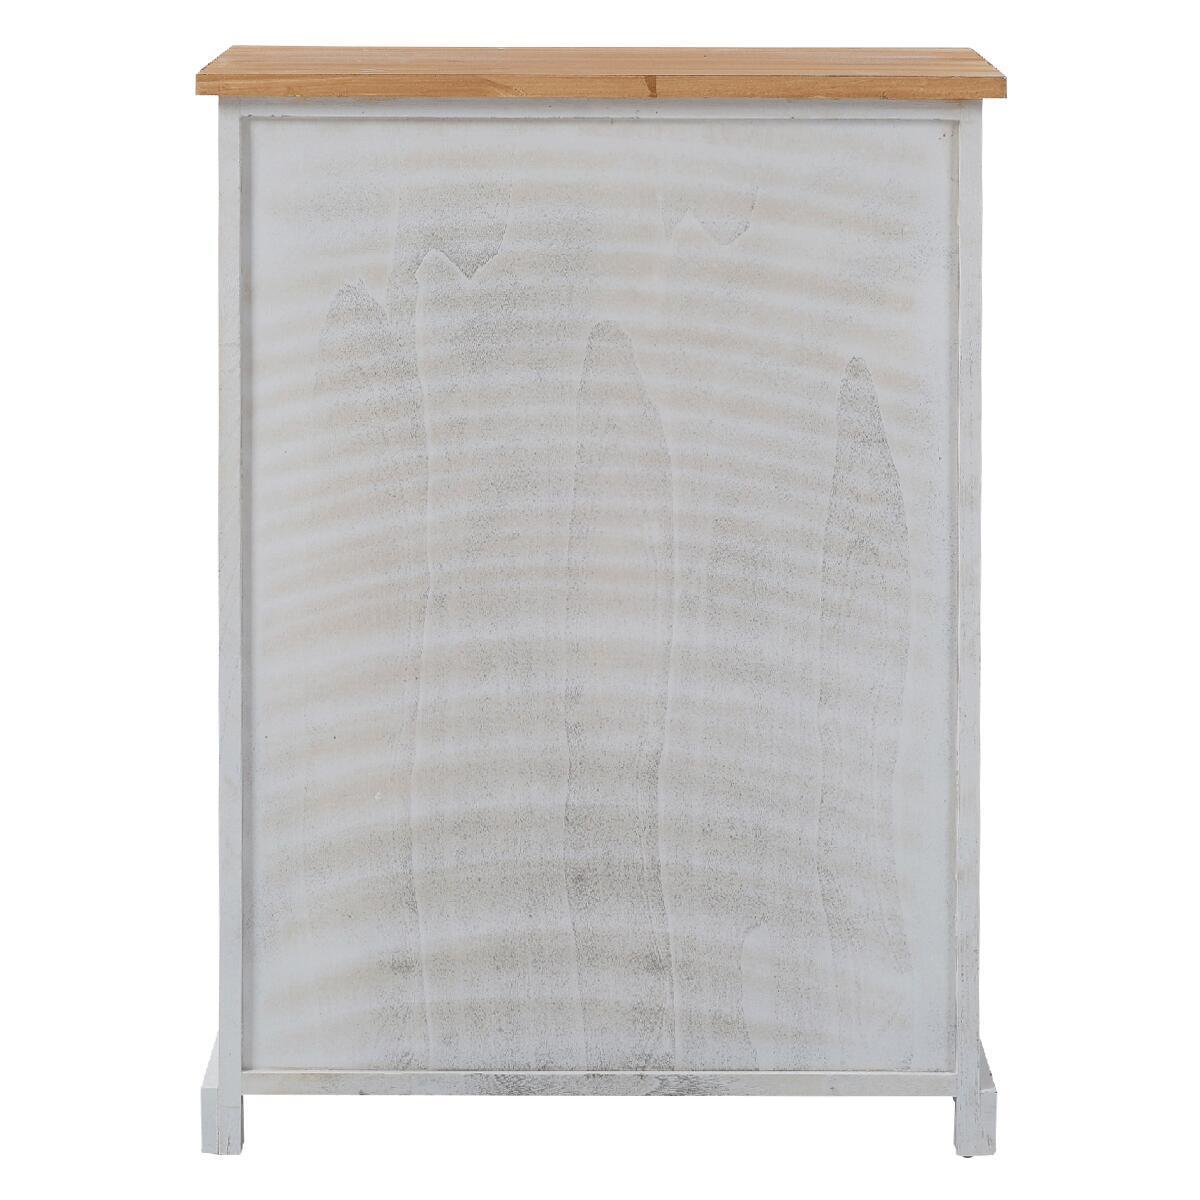 Credenza L 58 x P 30 x H 81 cm bianco, beige, grigio - 5